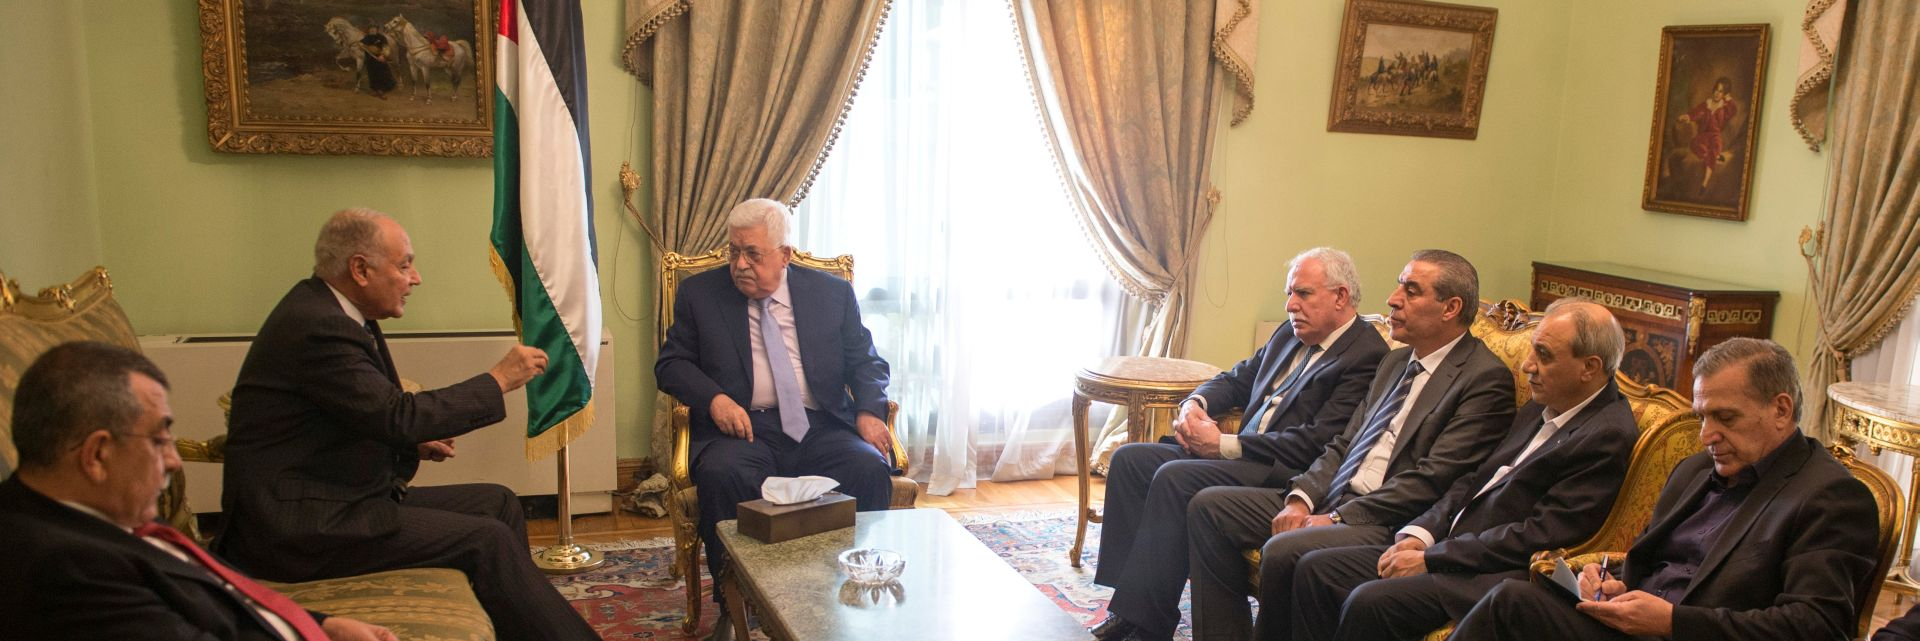 PROTIV PRIZNAVANJA JERUZALEMA Abbas poziva arapske čelnike na djelovanje